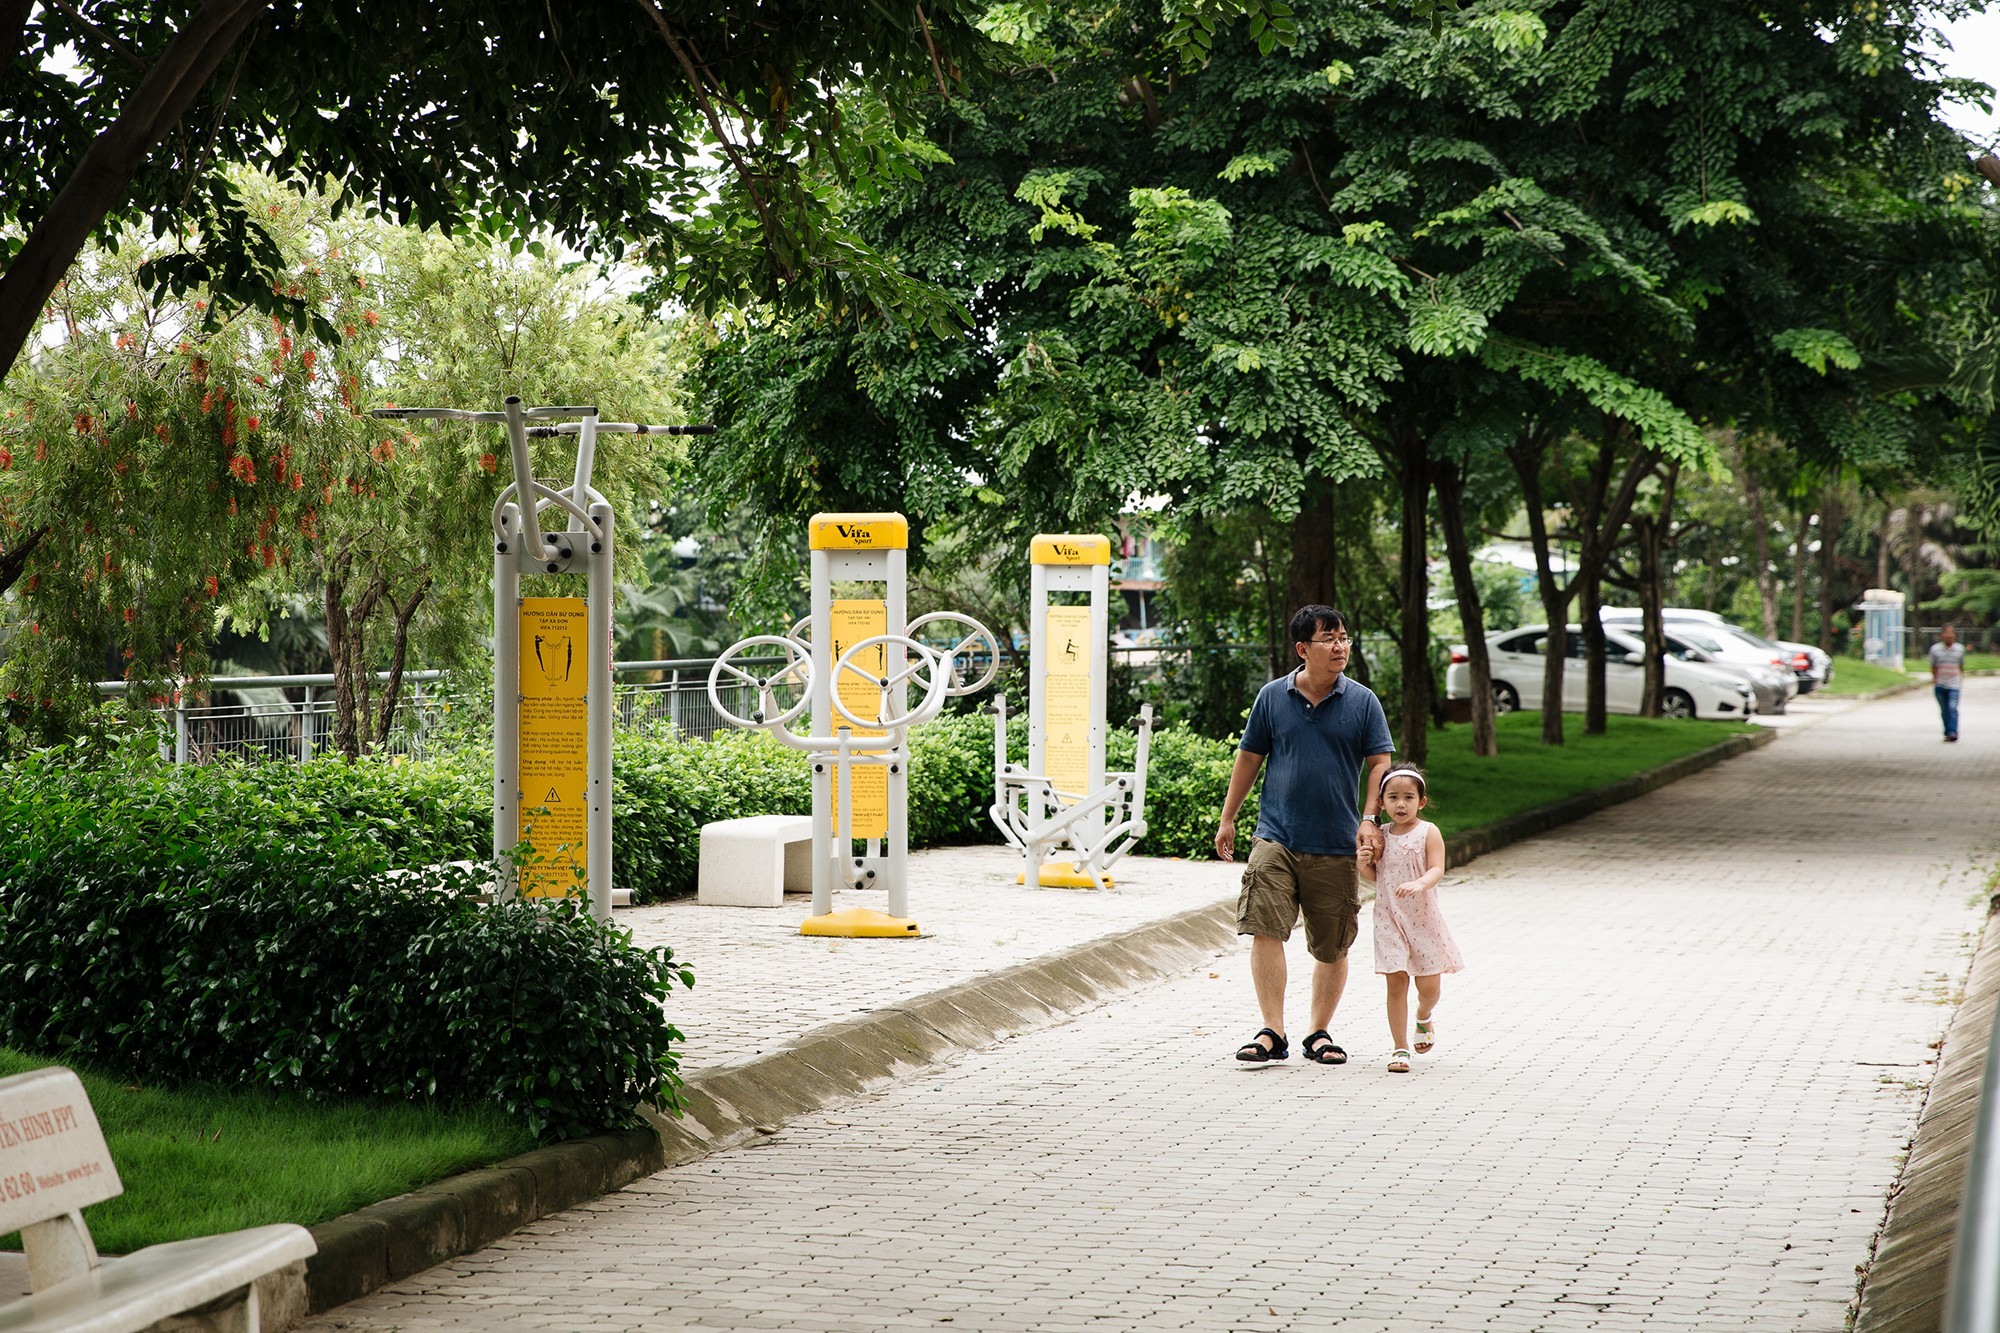 Ngỡ ngàng với những gì khu đô thị - Township mang đến cho người dân Việt Nam - Ảnh 10.